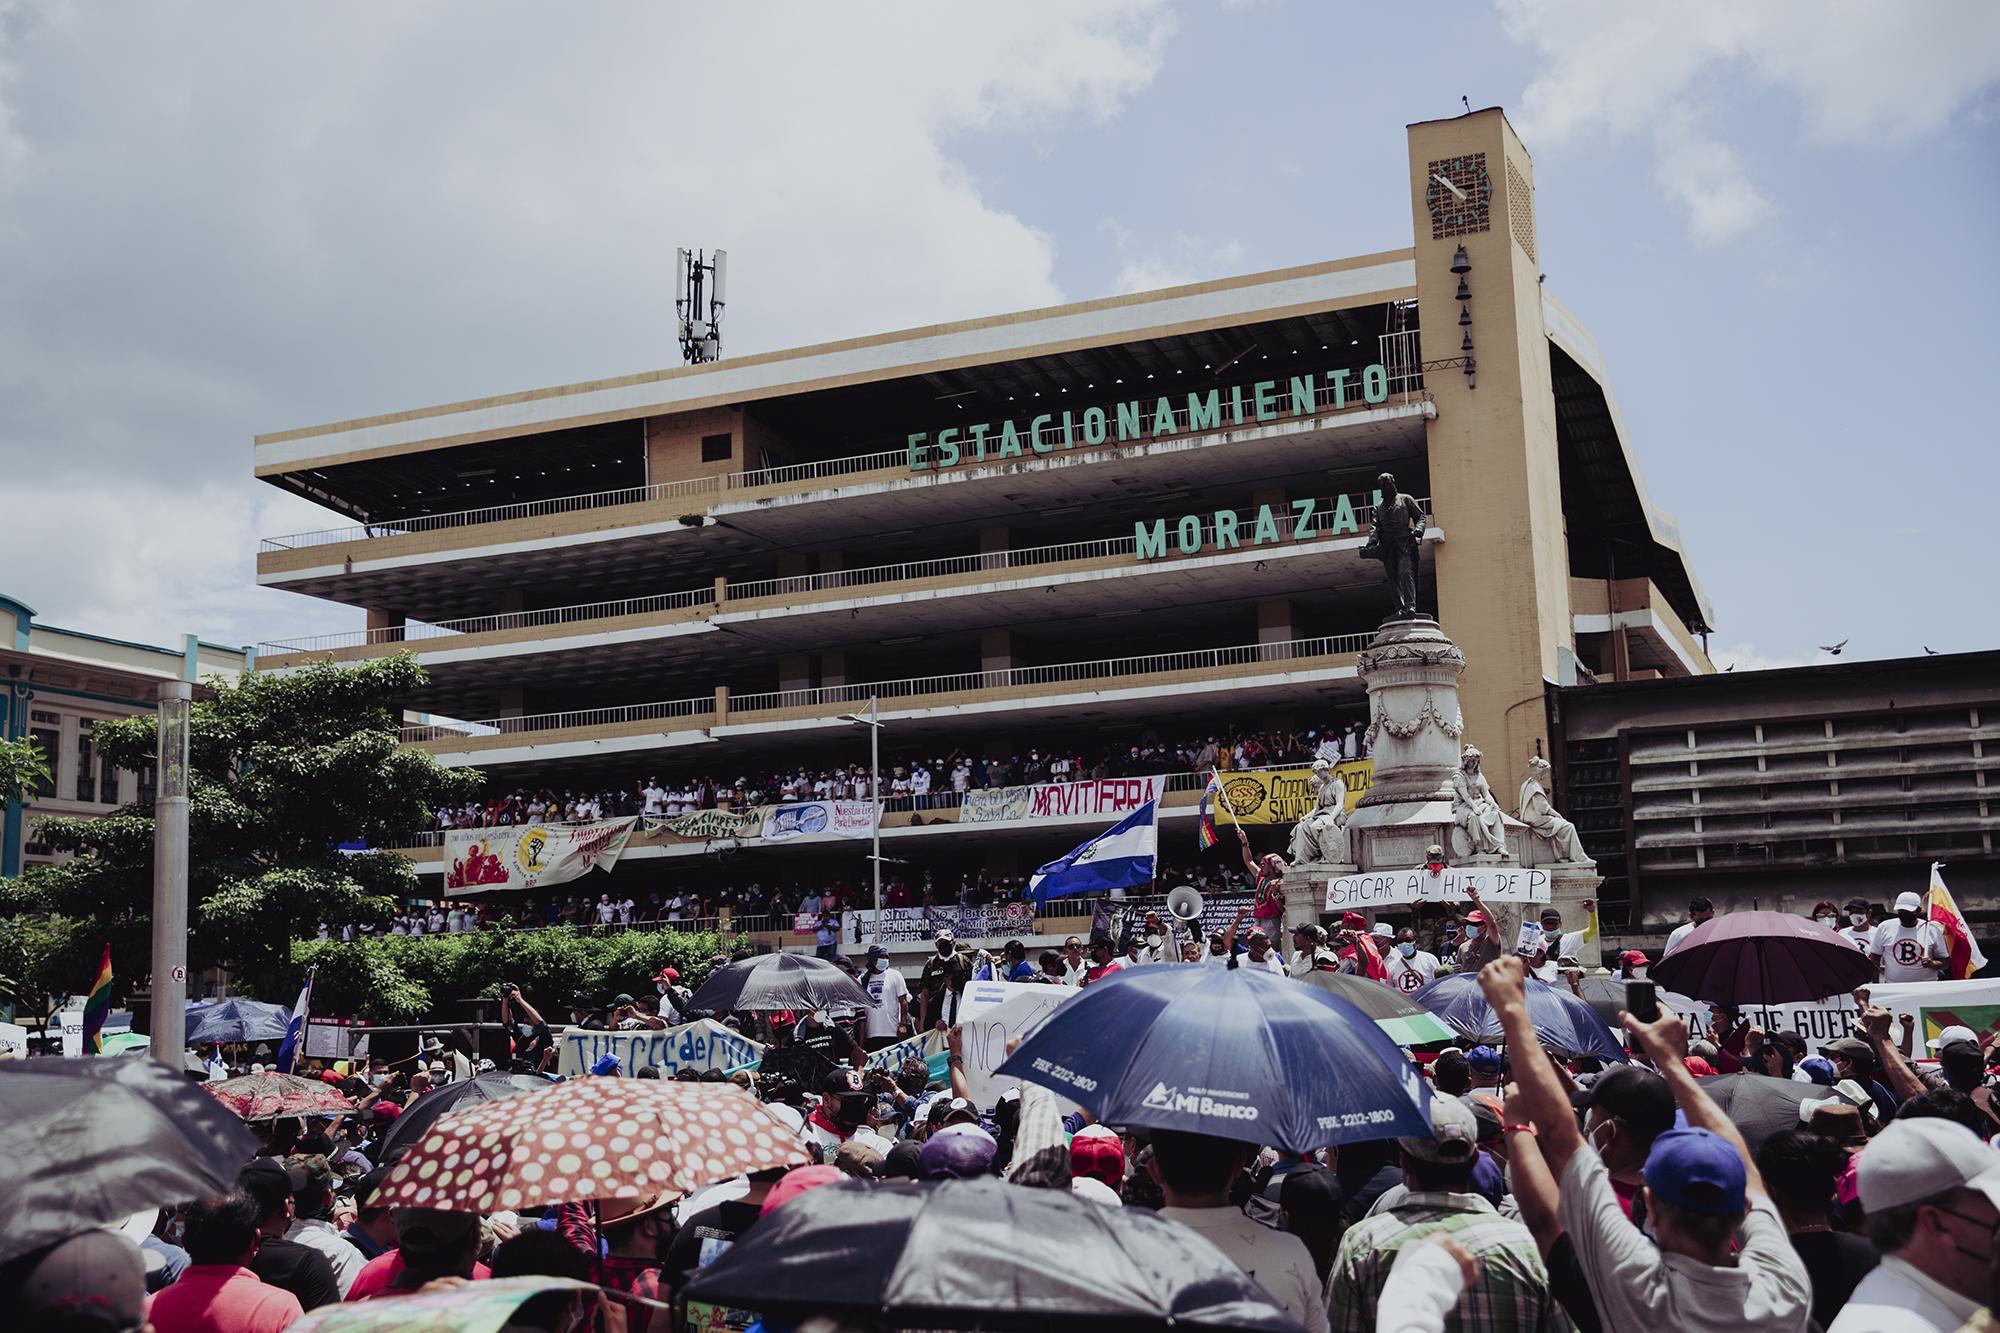 Después del recorrido desde el parque Cuscatlán, grupos de veteranos de guerra y otros sindicalistas se apostaron en la plaza Morazán y gritaron consignas en contra de la ley Bitcoin y del aval de la Sala de Constitucional para la inmediata reelección presidencial.